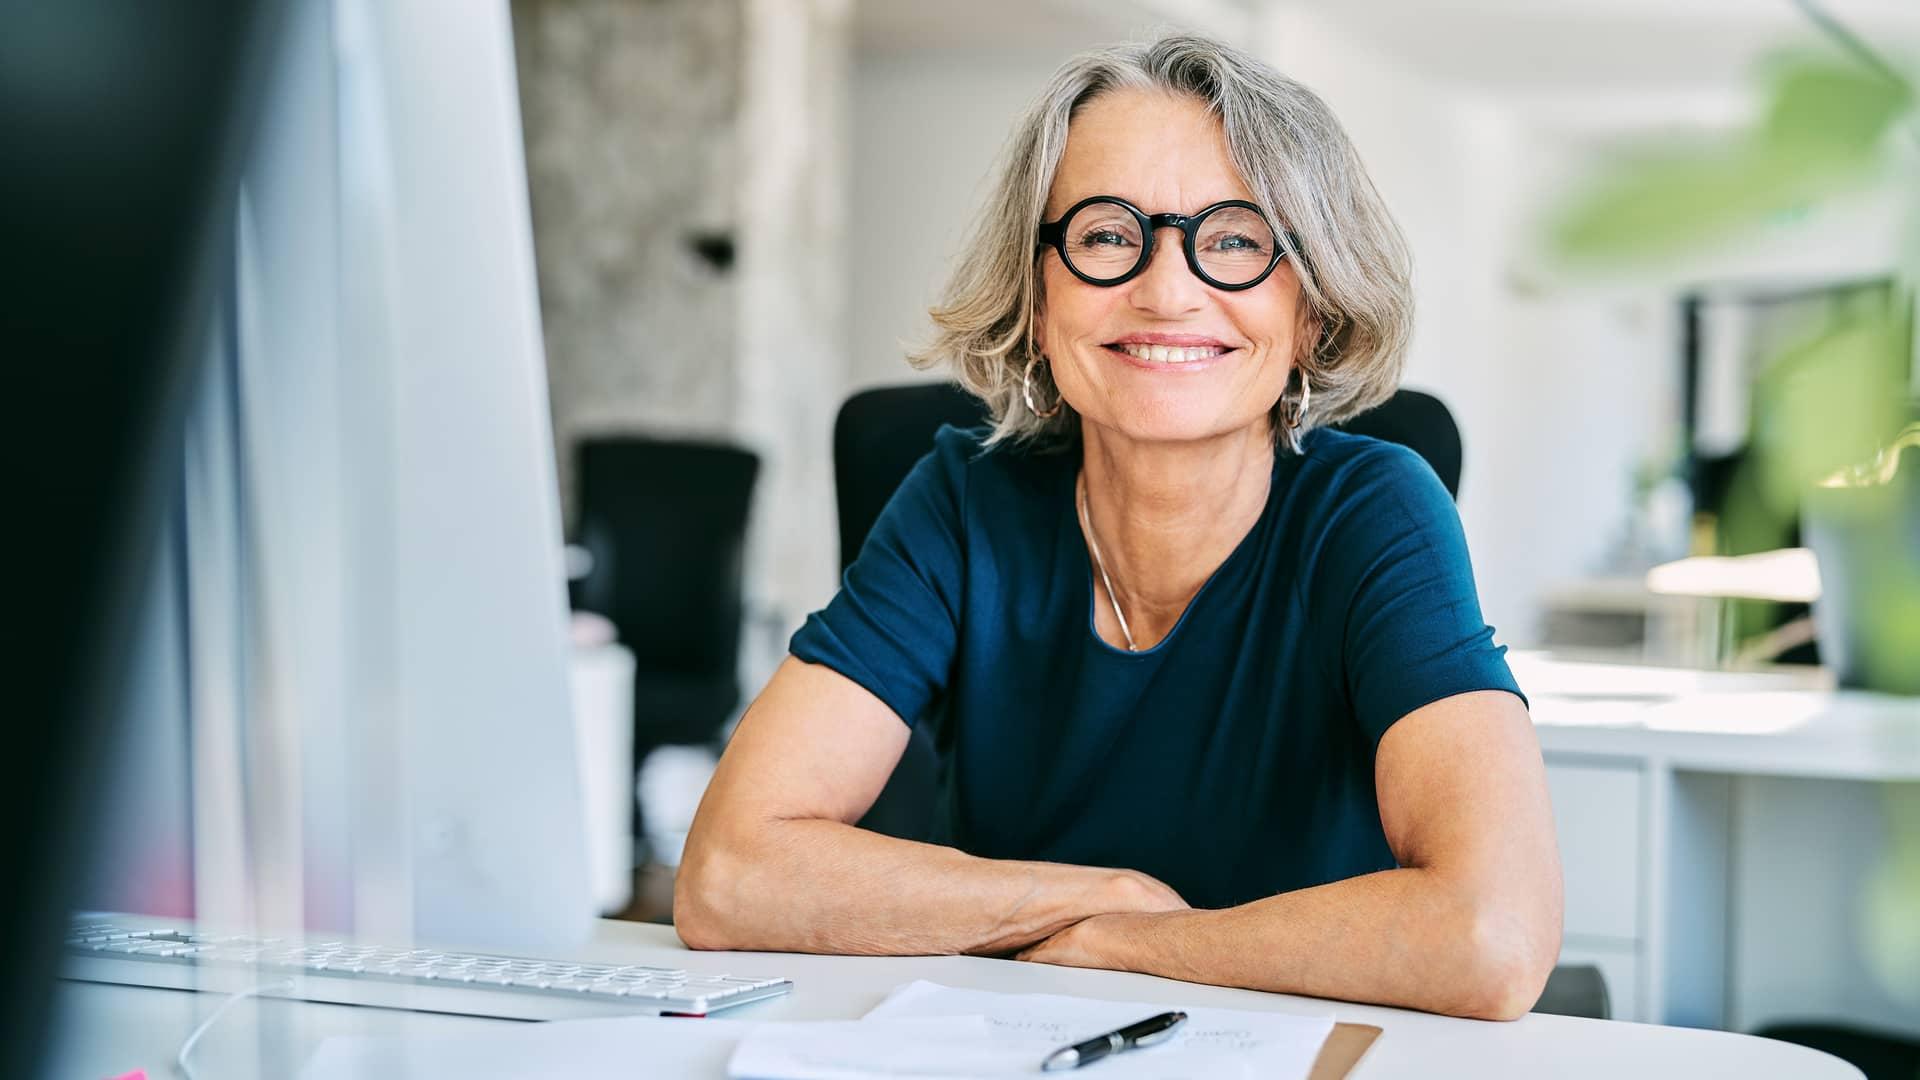 Mujer sonriente trabajando representa tarjeta sín cambiar de banco